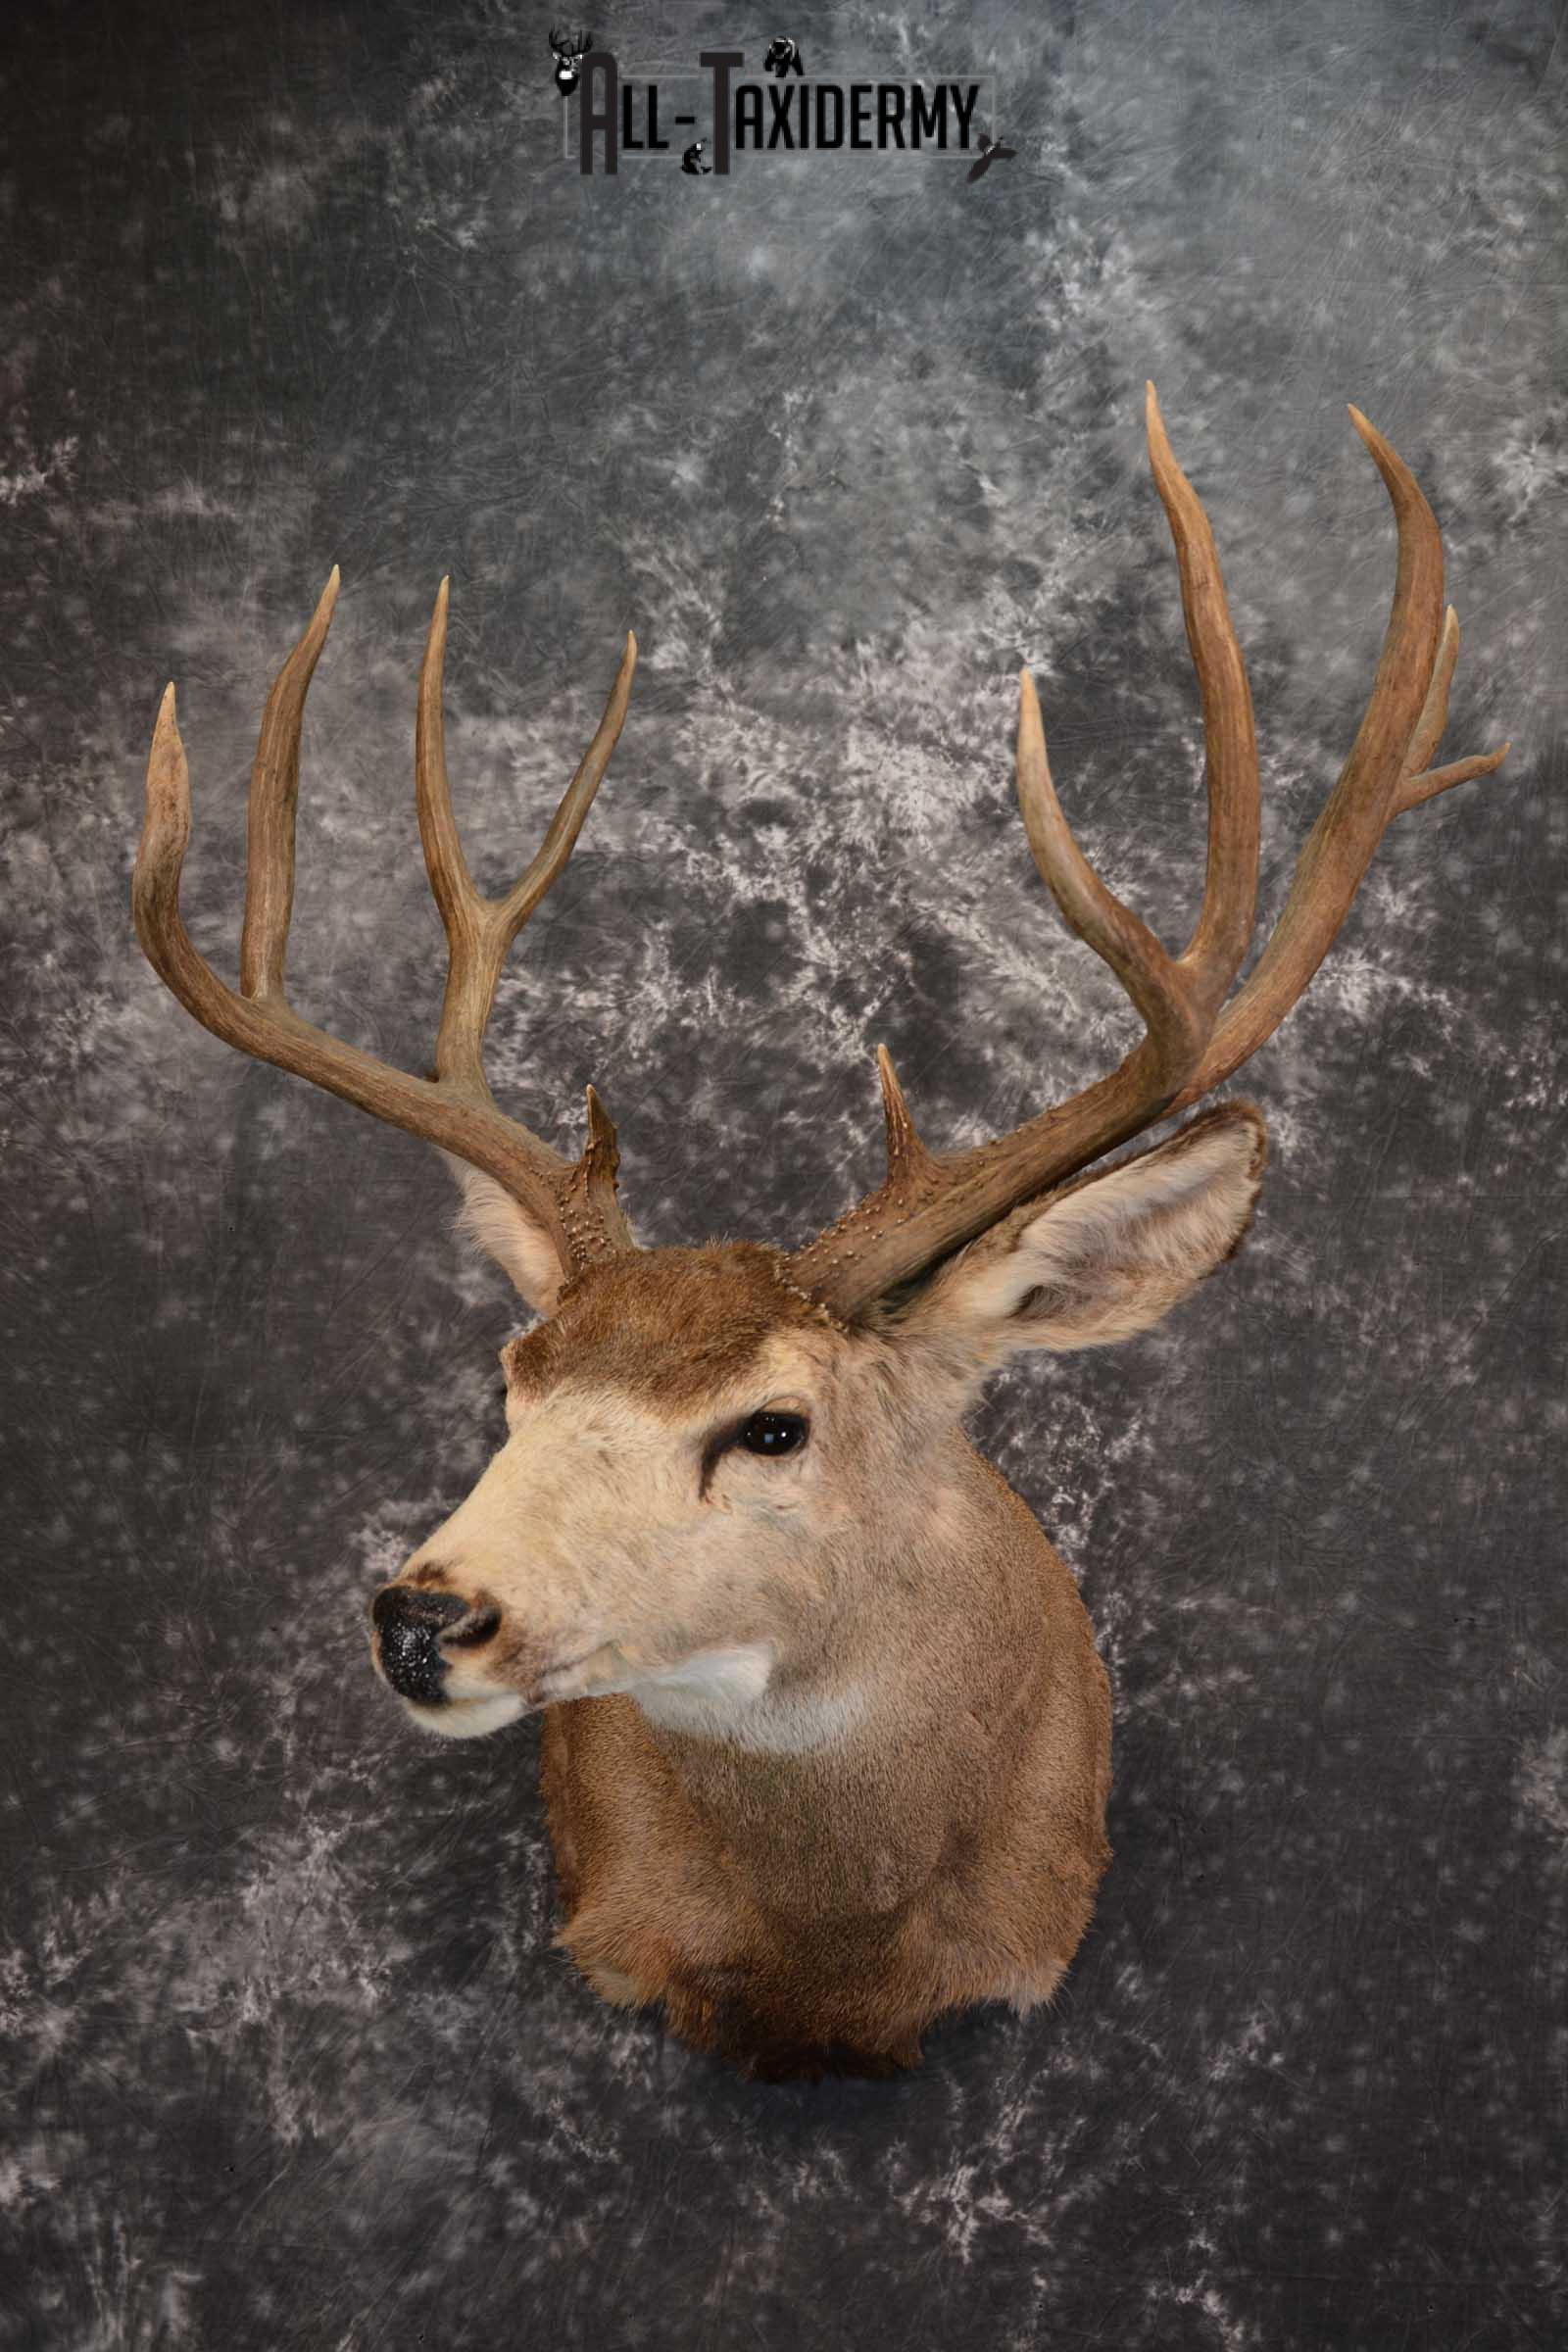 Mule Deer Taxidermy Shoulder Mount for sale SKU 1517